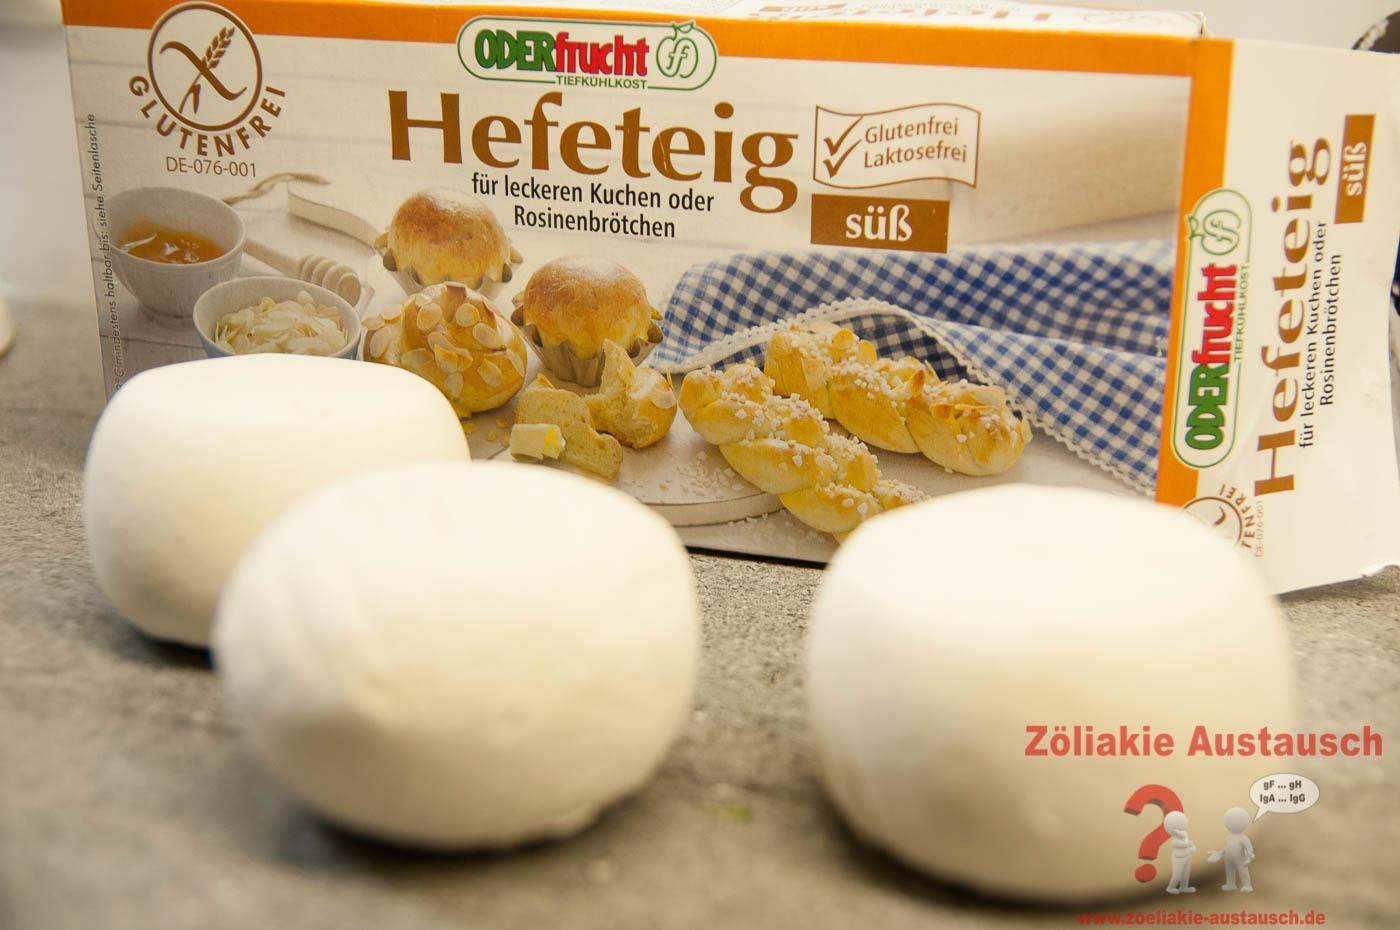 Zoeliakie_Austausch_Oderfrucht_Hefeteig-010